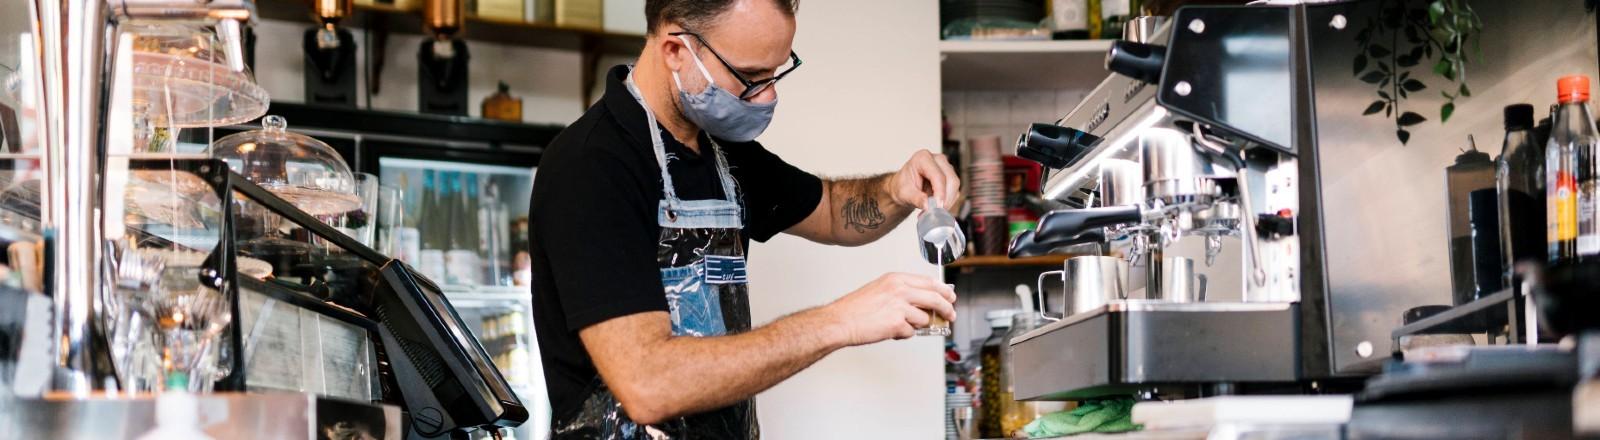 Ein Barista steht in einem Café hinter der Theke und bereitet einen Kaffee zu